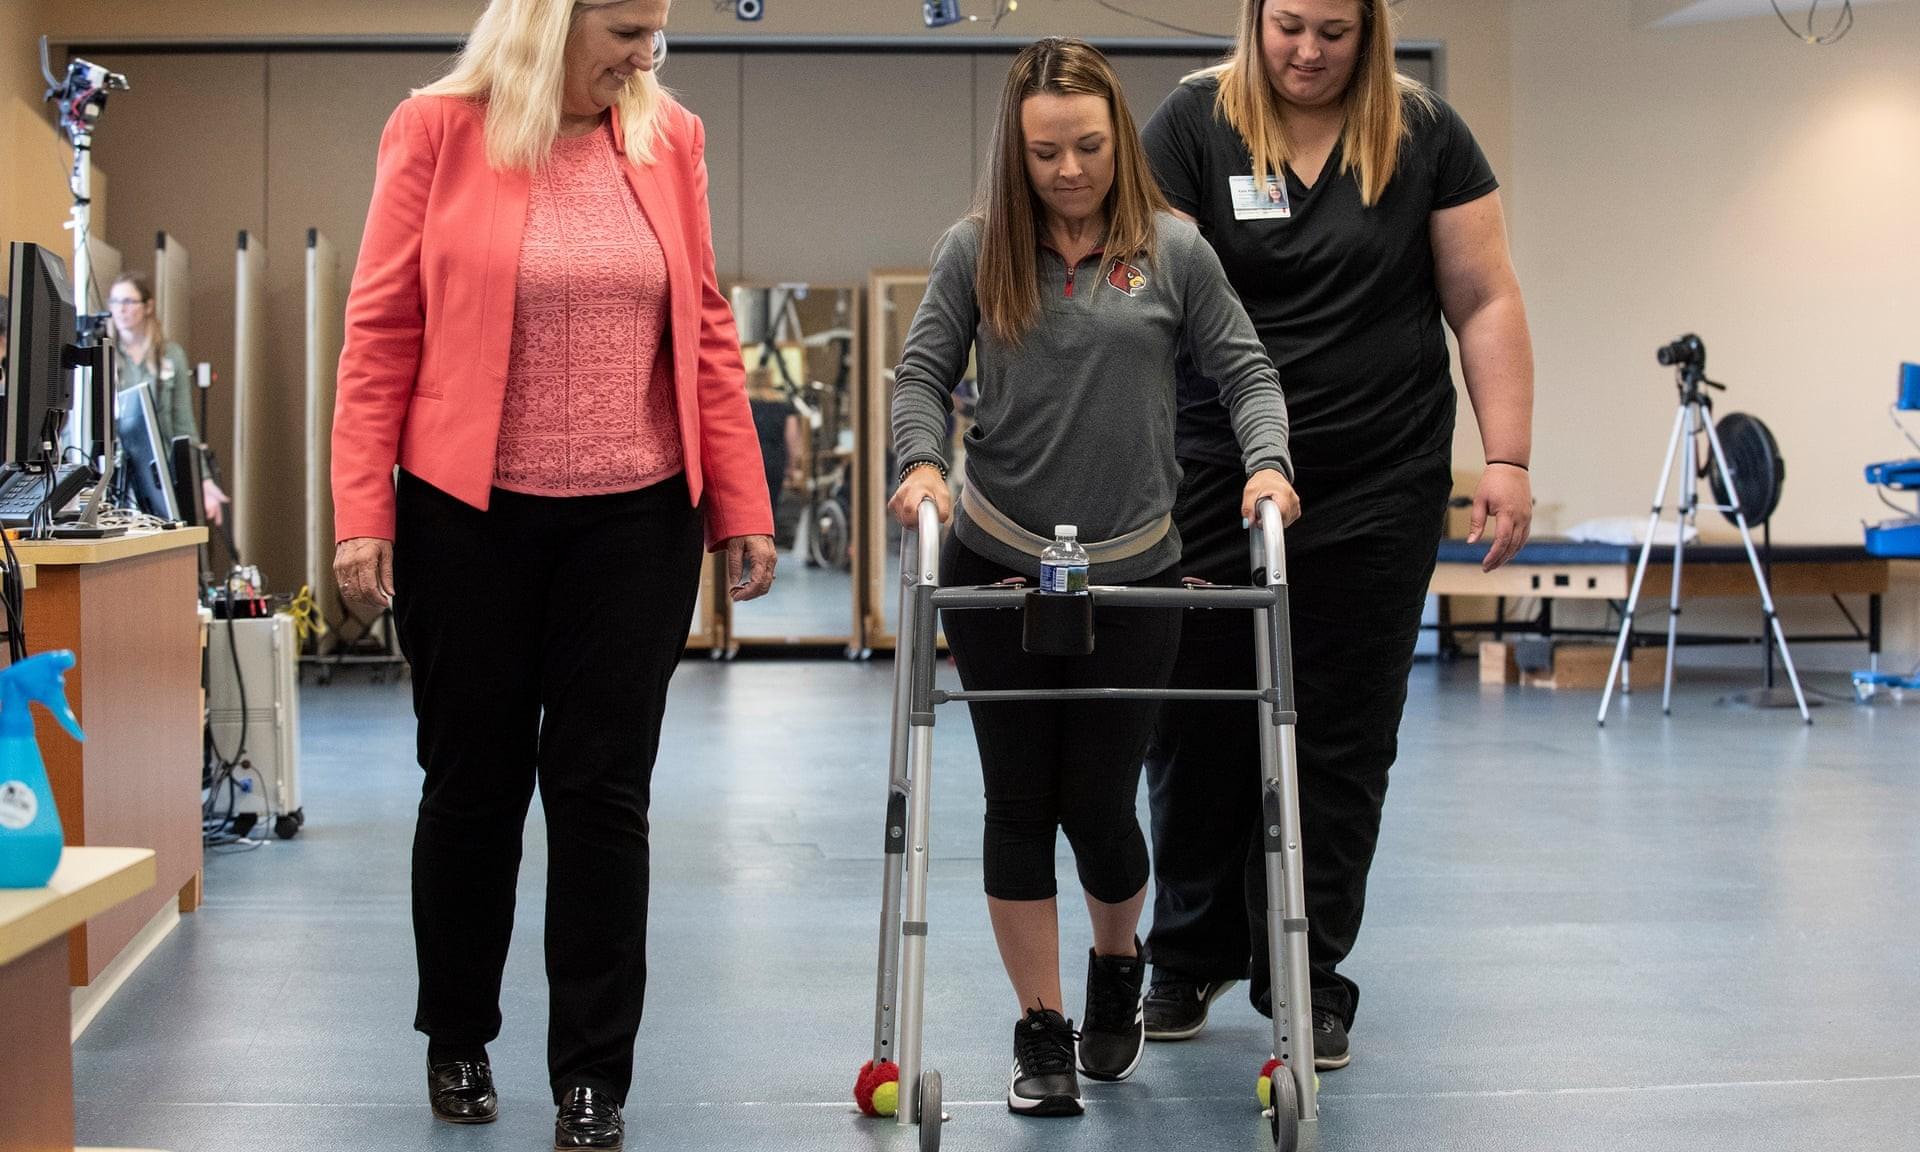 Kelly Thomas conseguiu caminhar com um andador após 81 sessões de estímulos elétricos (Foto: Tom Fougerousse/University of Lousiville)